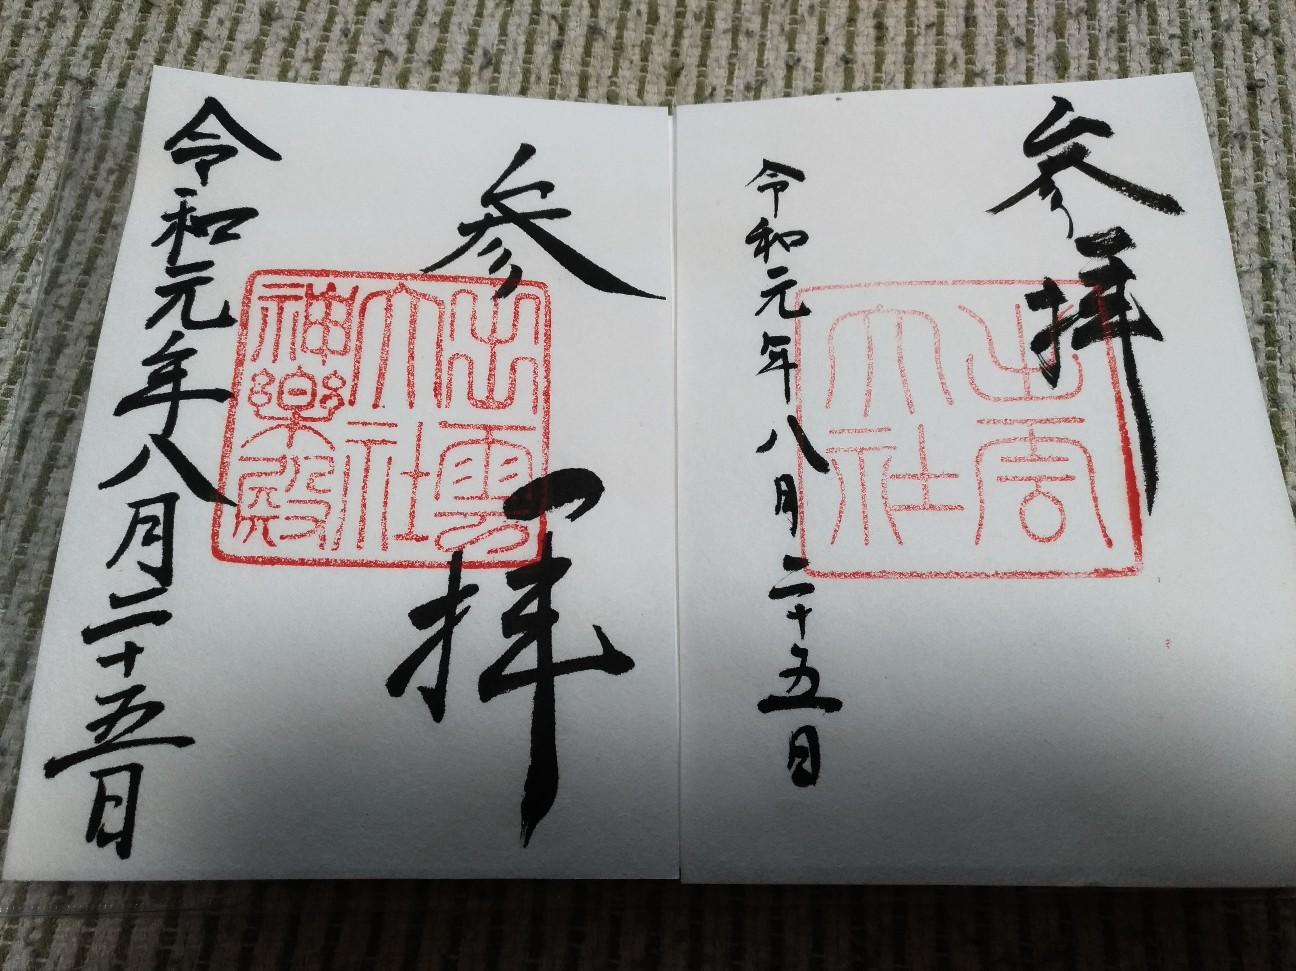 f:id:HKT1989:20190827120827j:plain